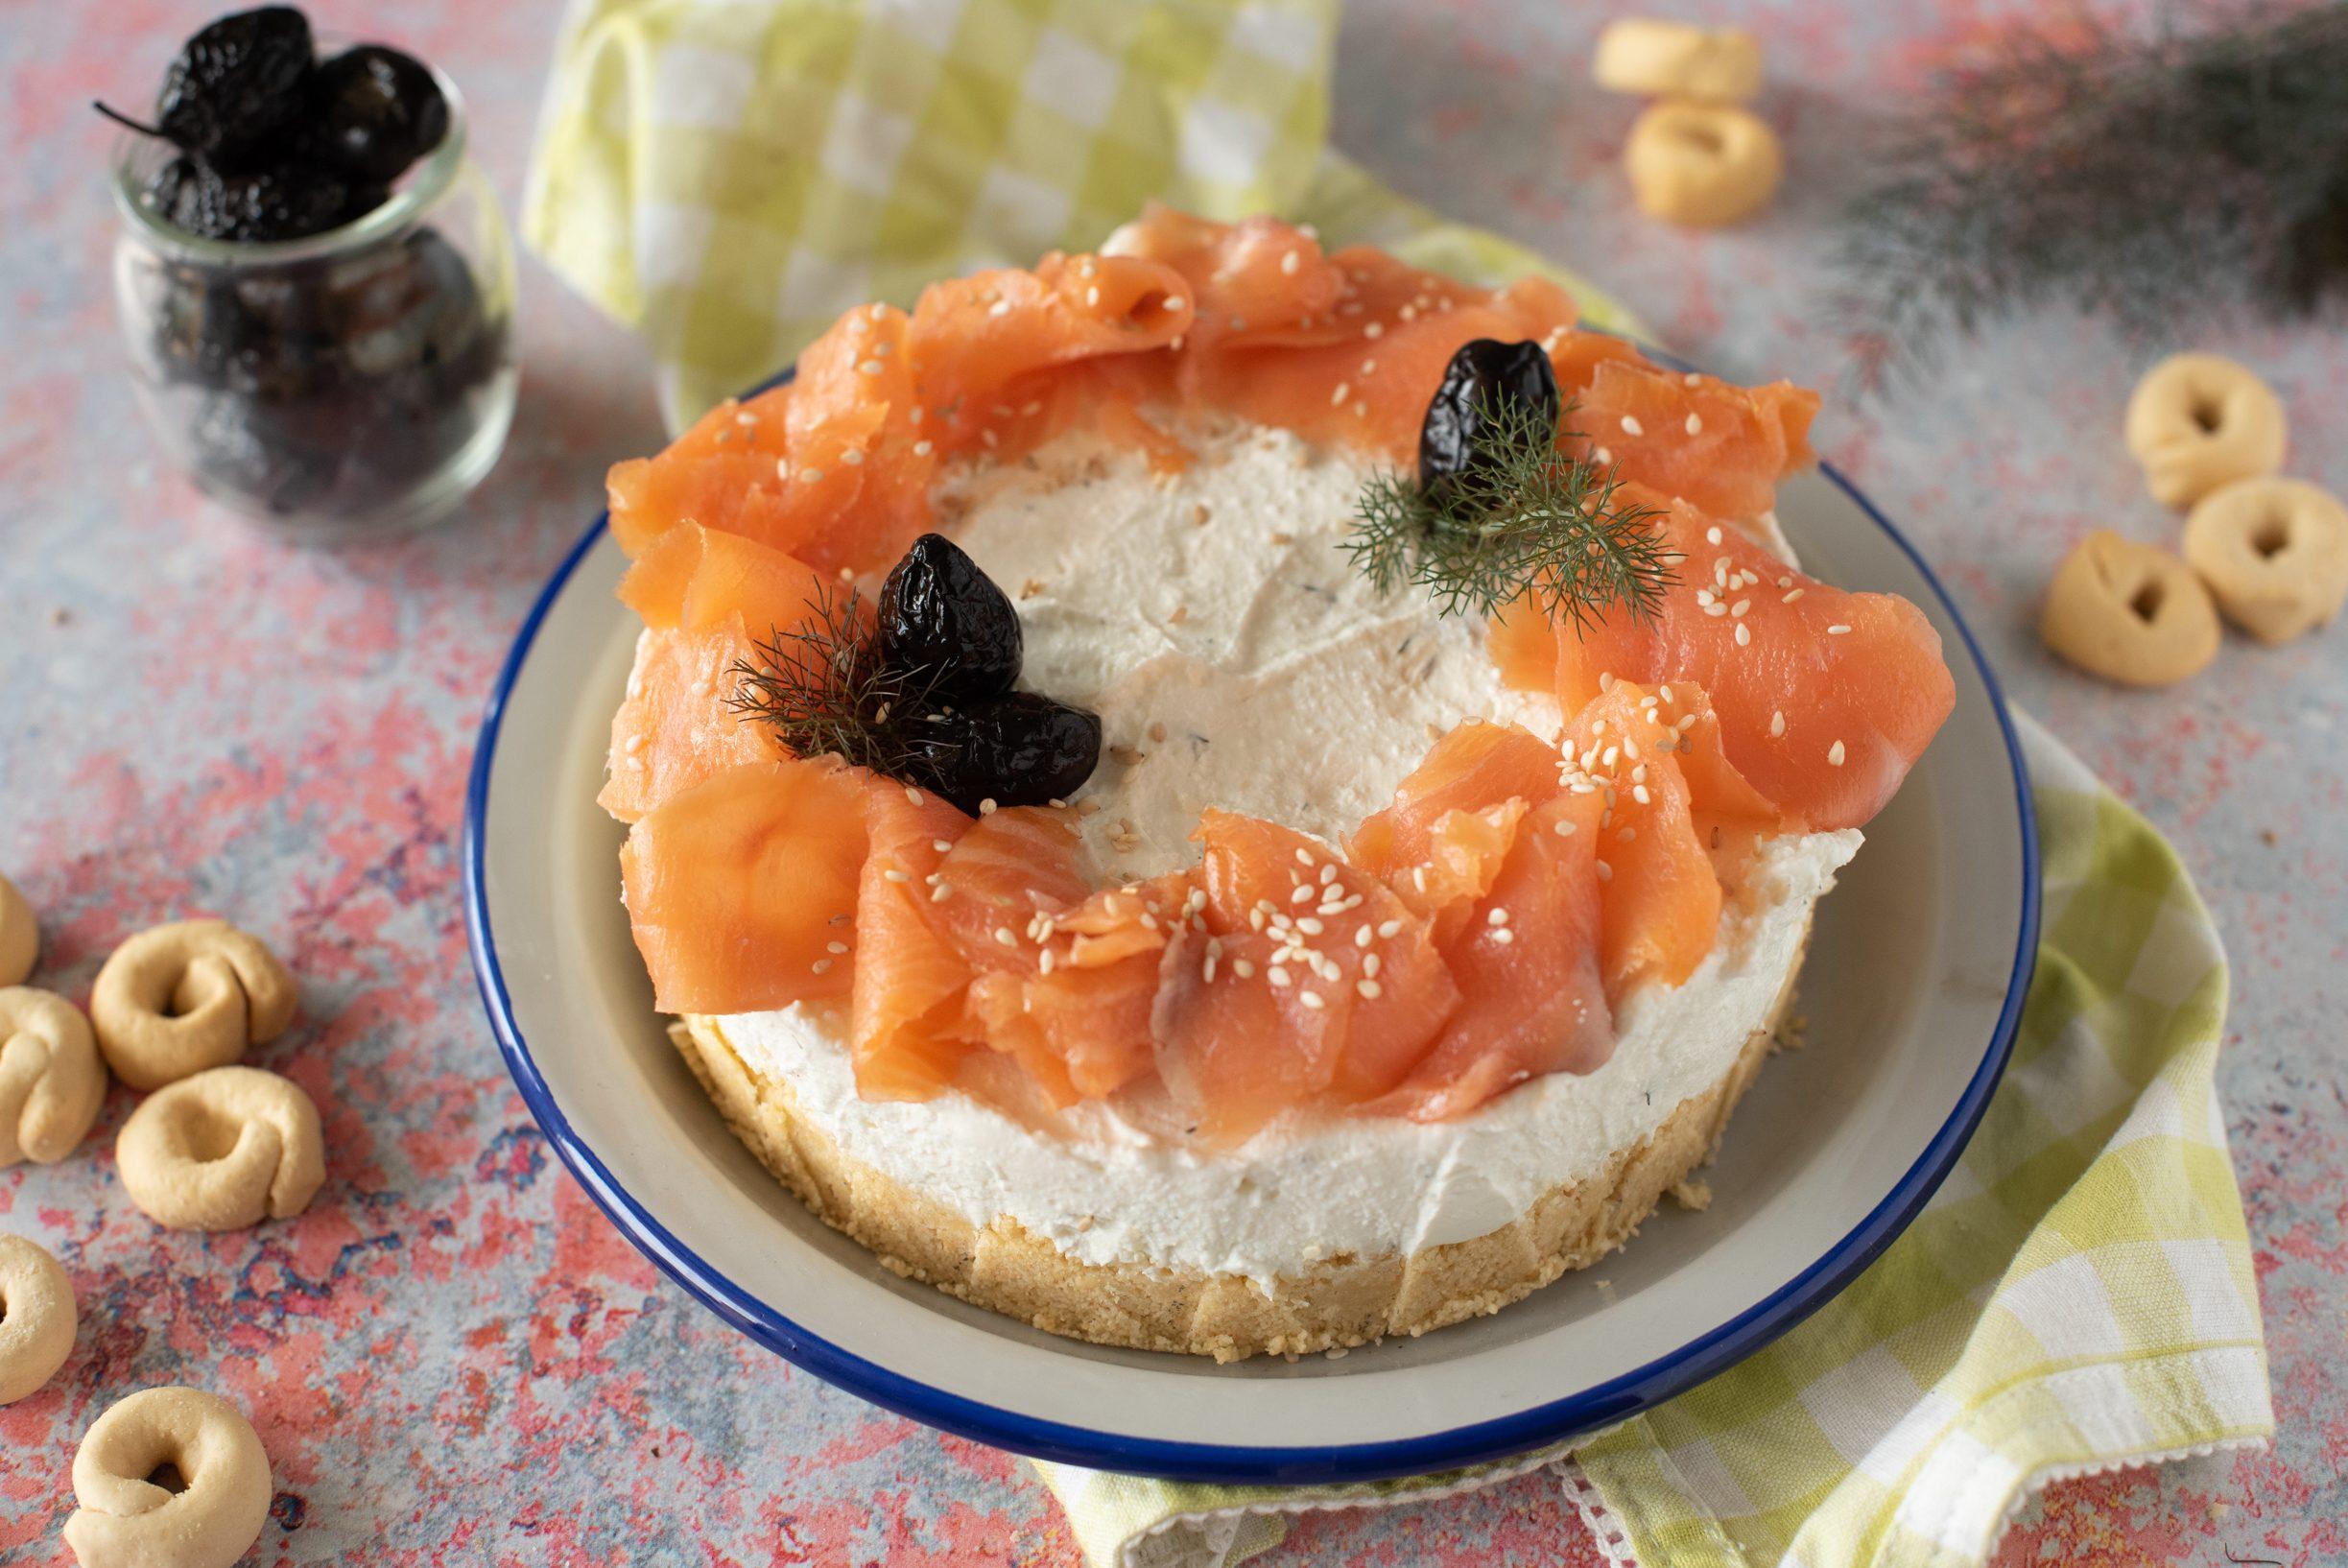 Cheesecake salata al salmone: la ricetta fresca e raffinata, perfetta per l'estate